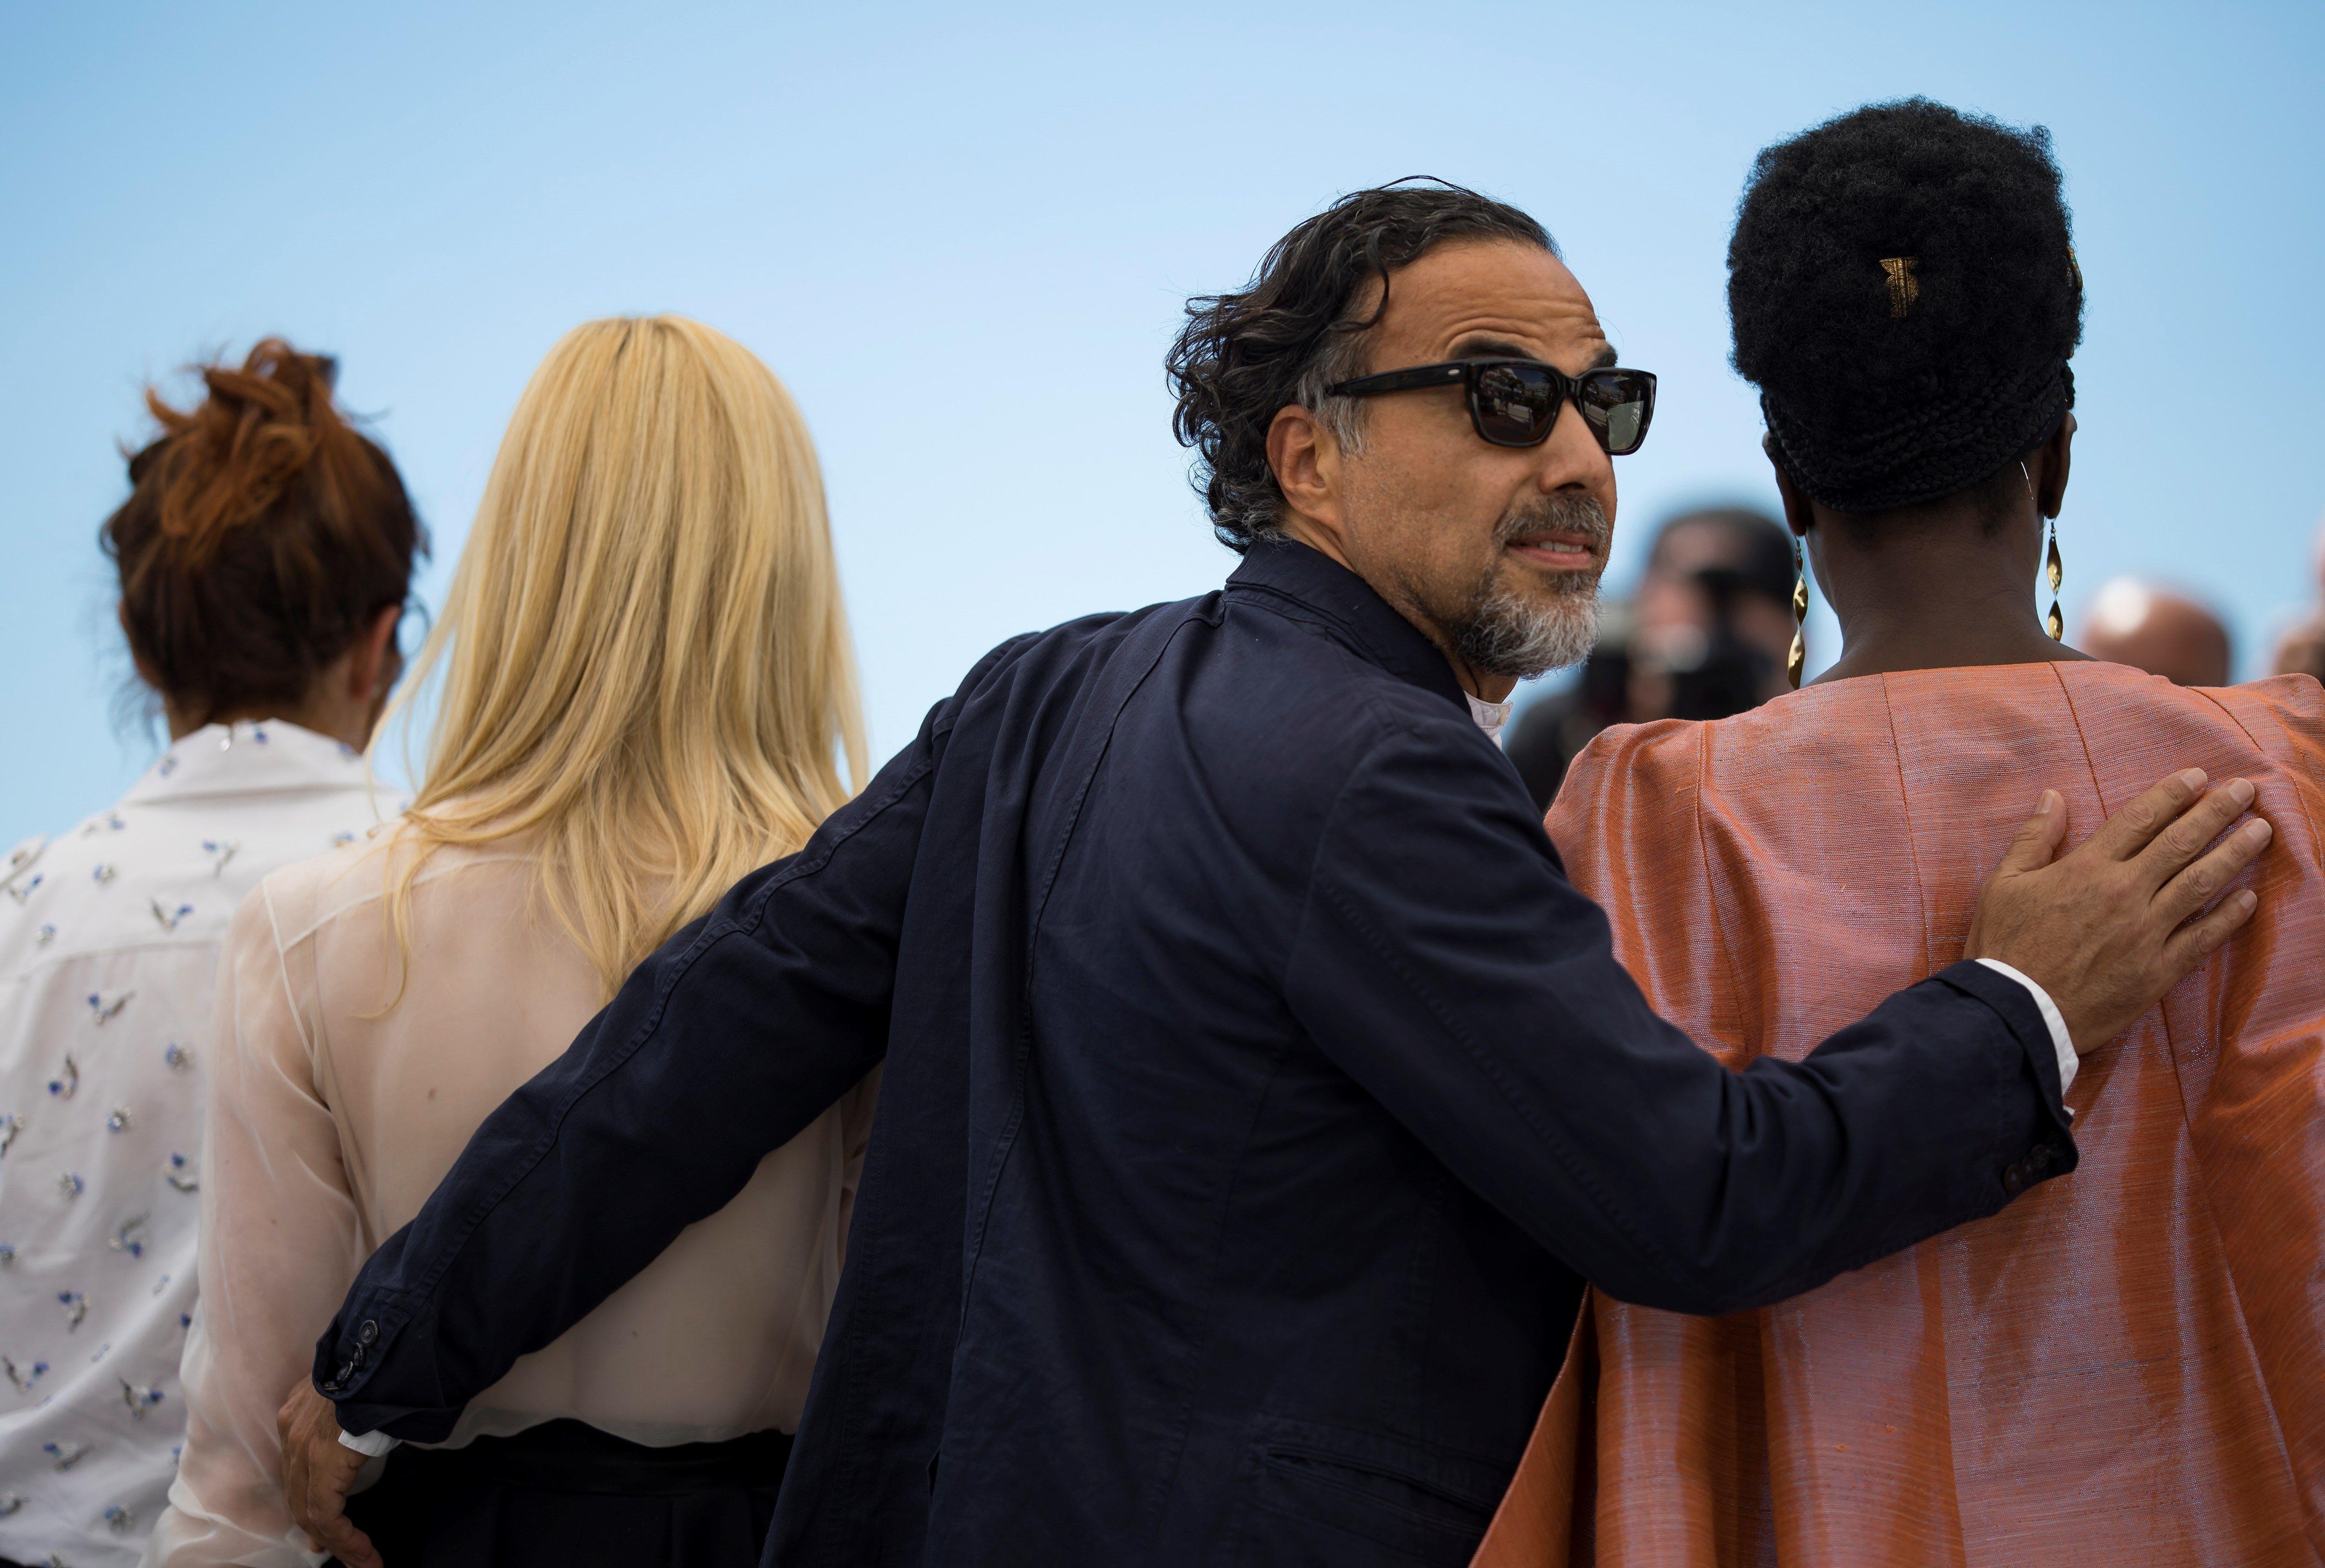 EPA6233. CANNES (FRANCIA), 14/05/2019.- El director de cine mexicano Alejandro González Iñárritu posa durante la presentación del jurado, este martes, en el Festival de Cannes. (Foto Prensa Libre: EFE)